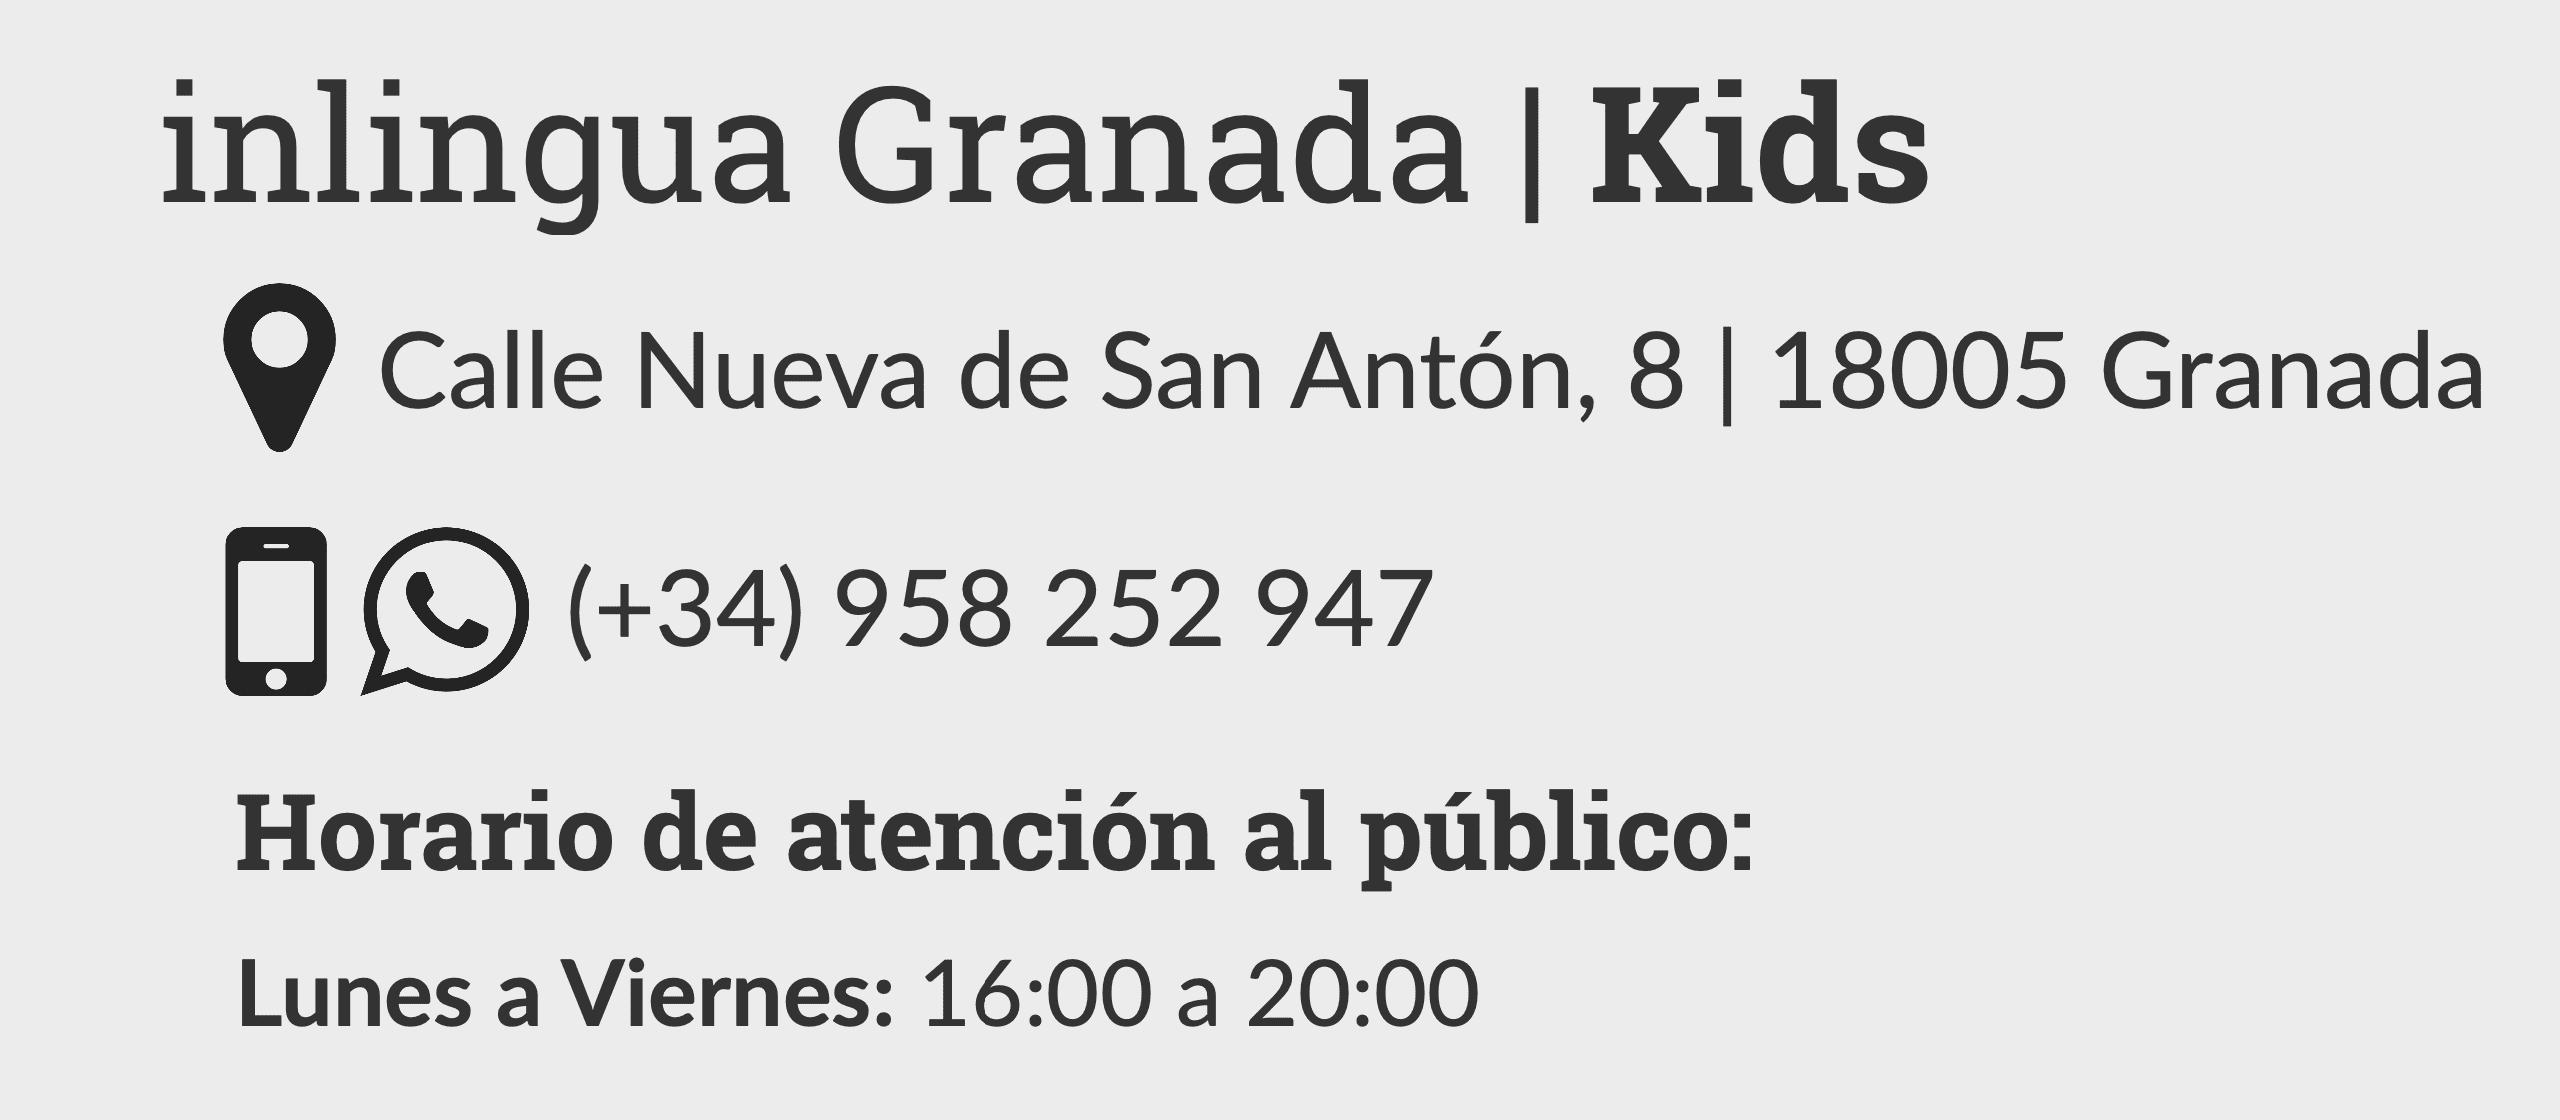 contacto inlingua Kids